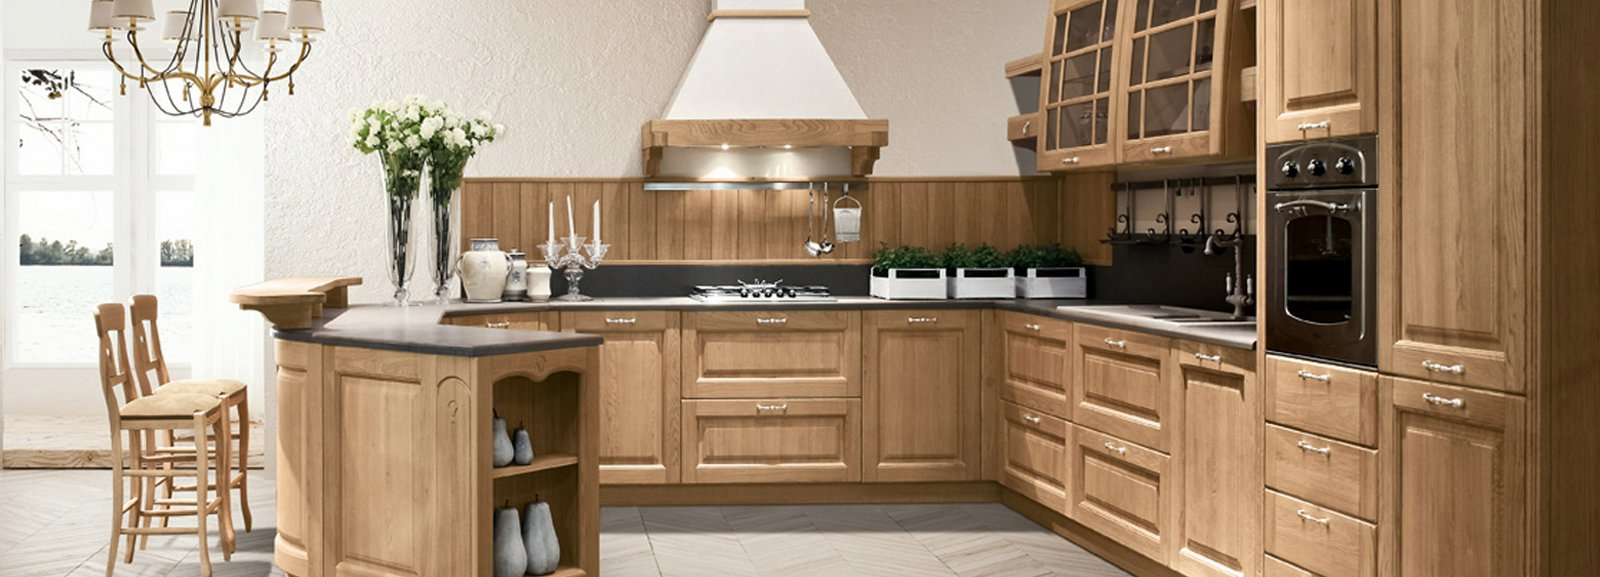 Cucina in legno moderna o classica cose di casa for Casa classica moderna